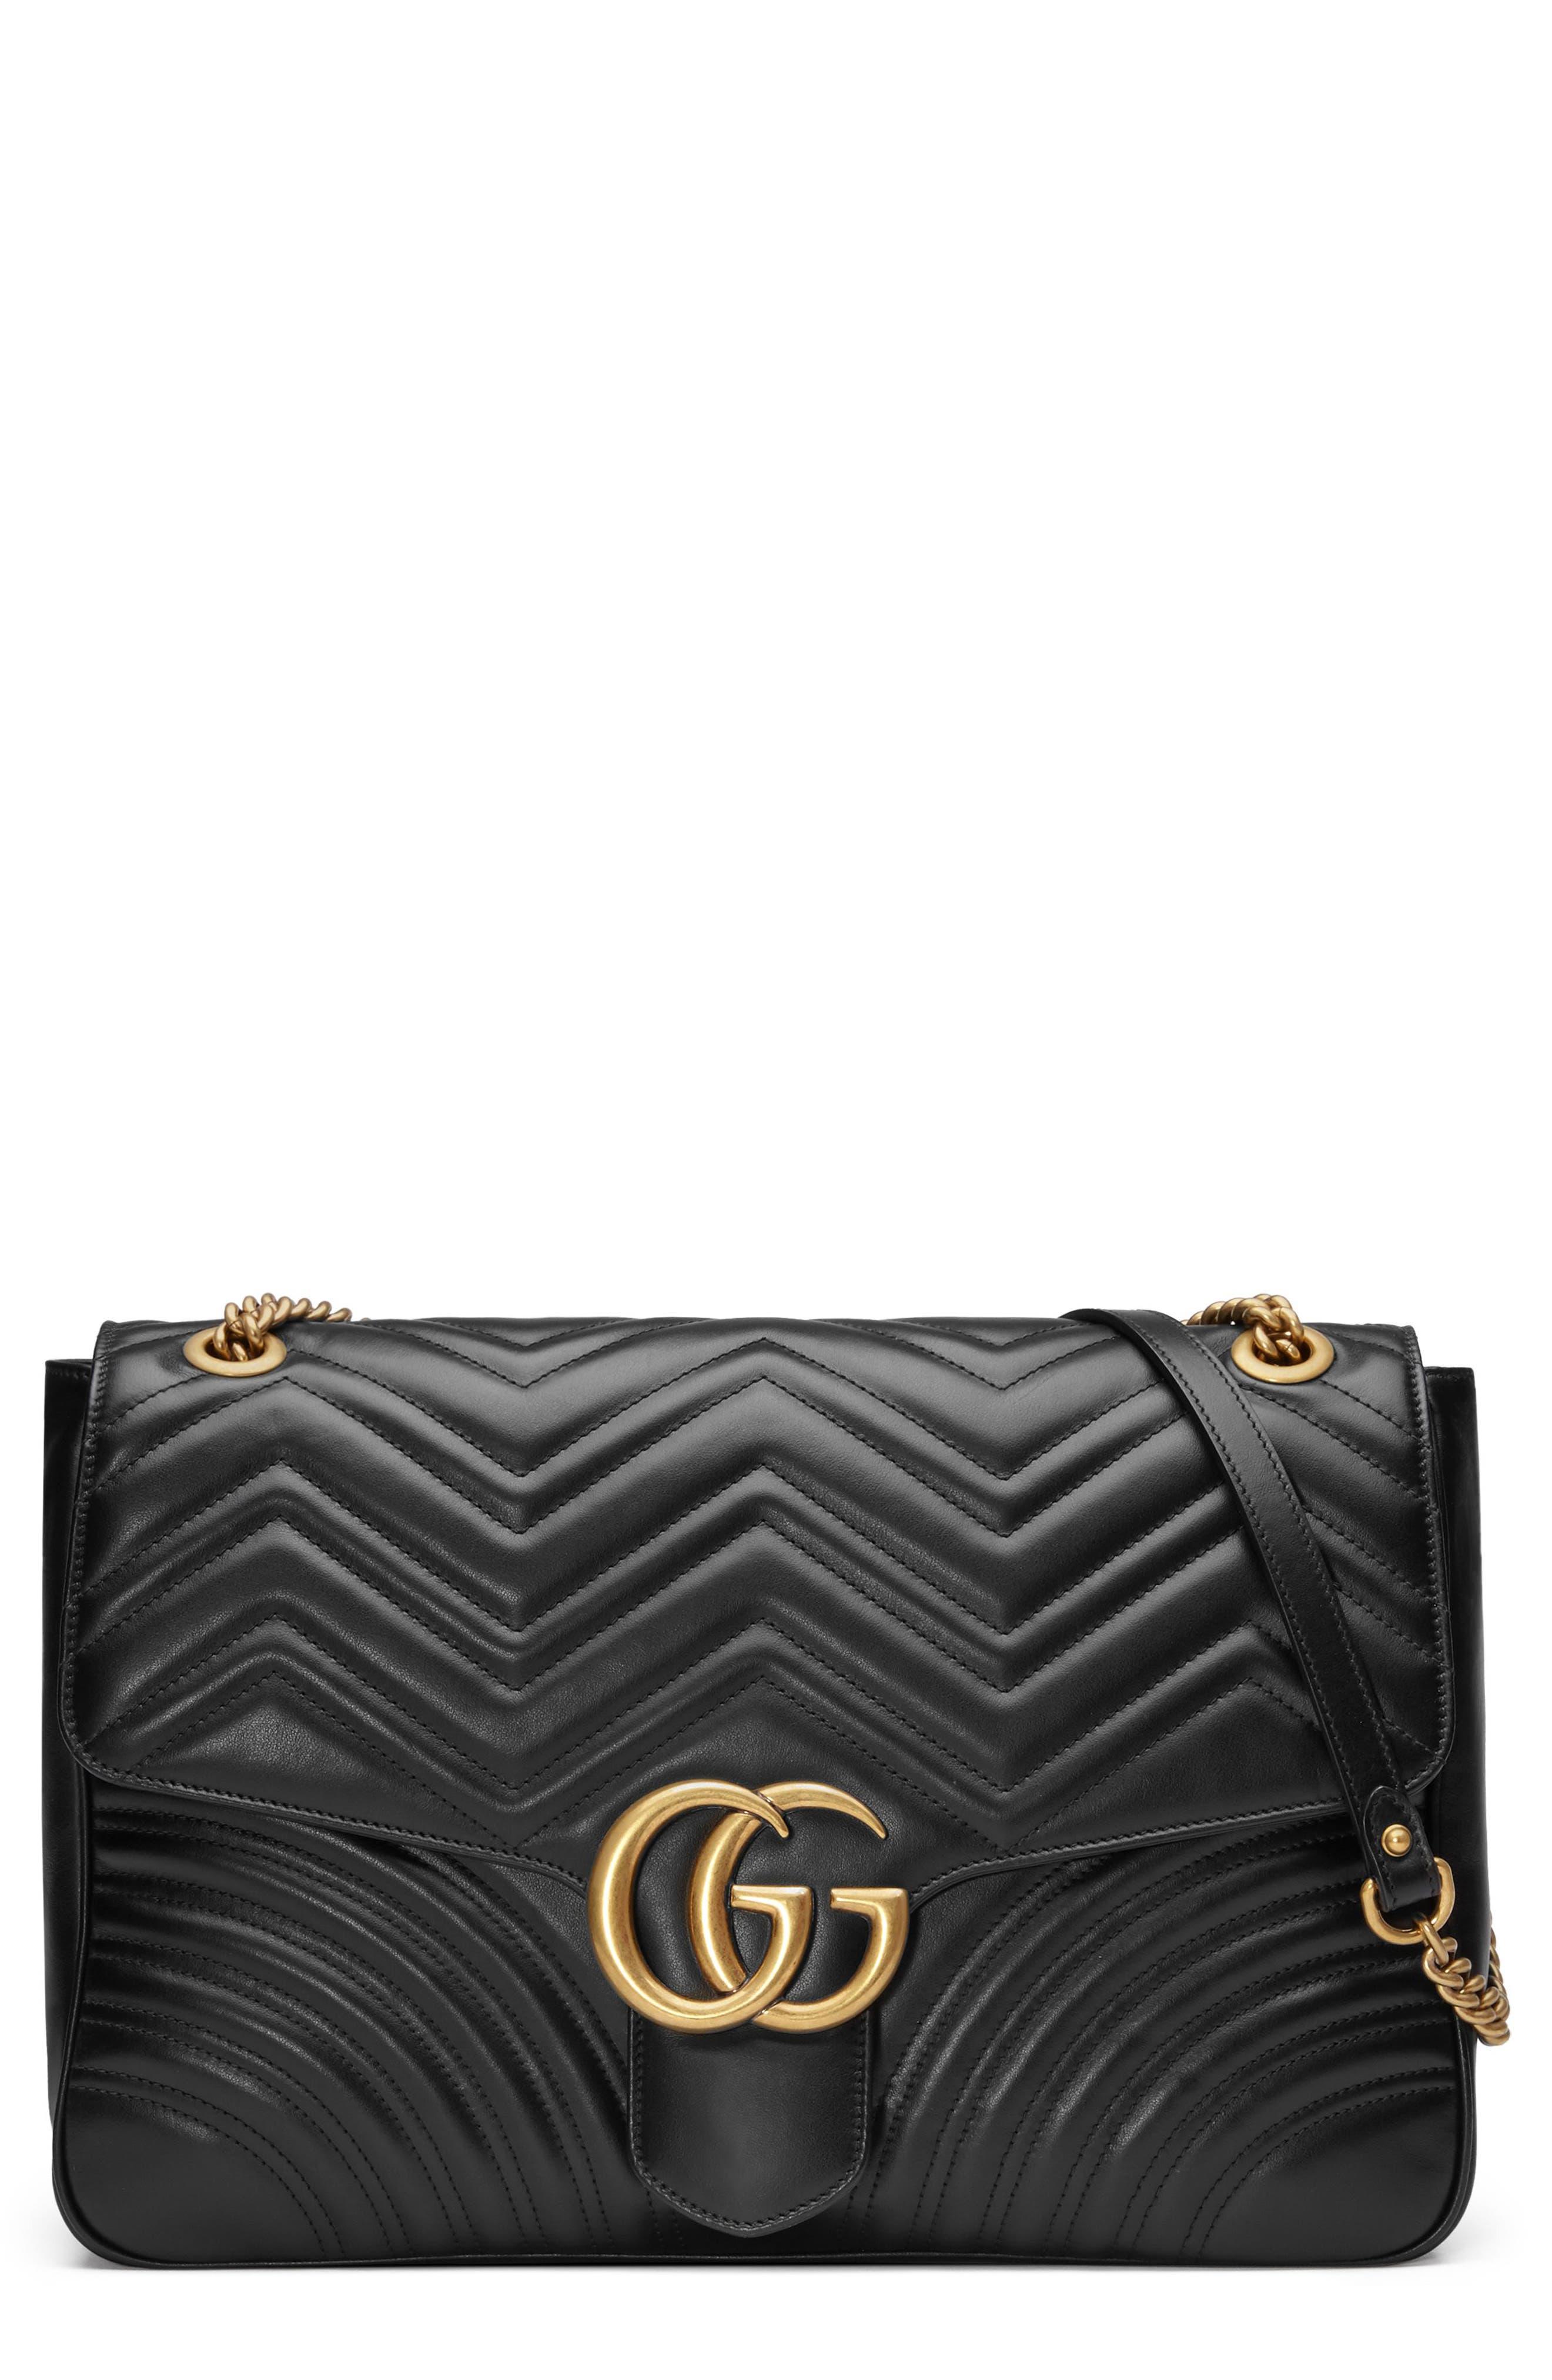 GG Large Marmont 2.0 Matelassé Leather Shoulder Bag,                         Main,                         color, NERO